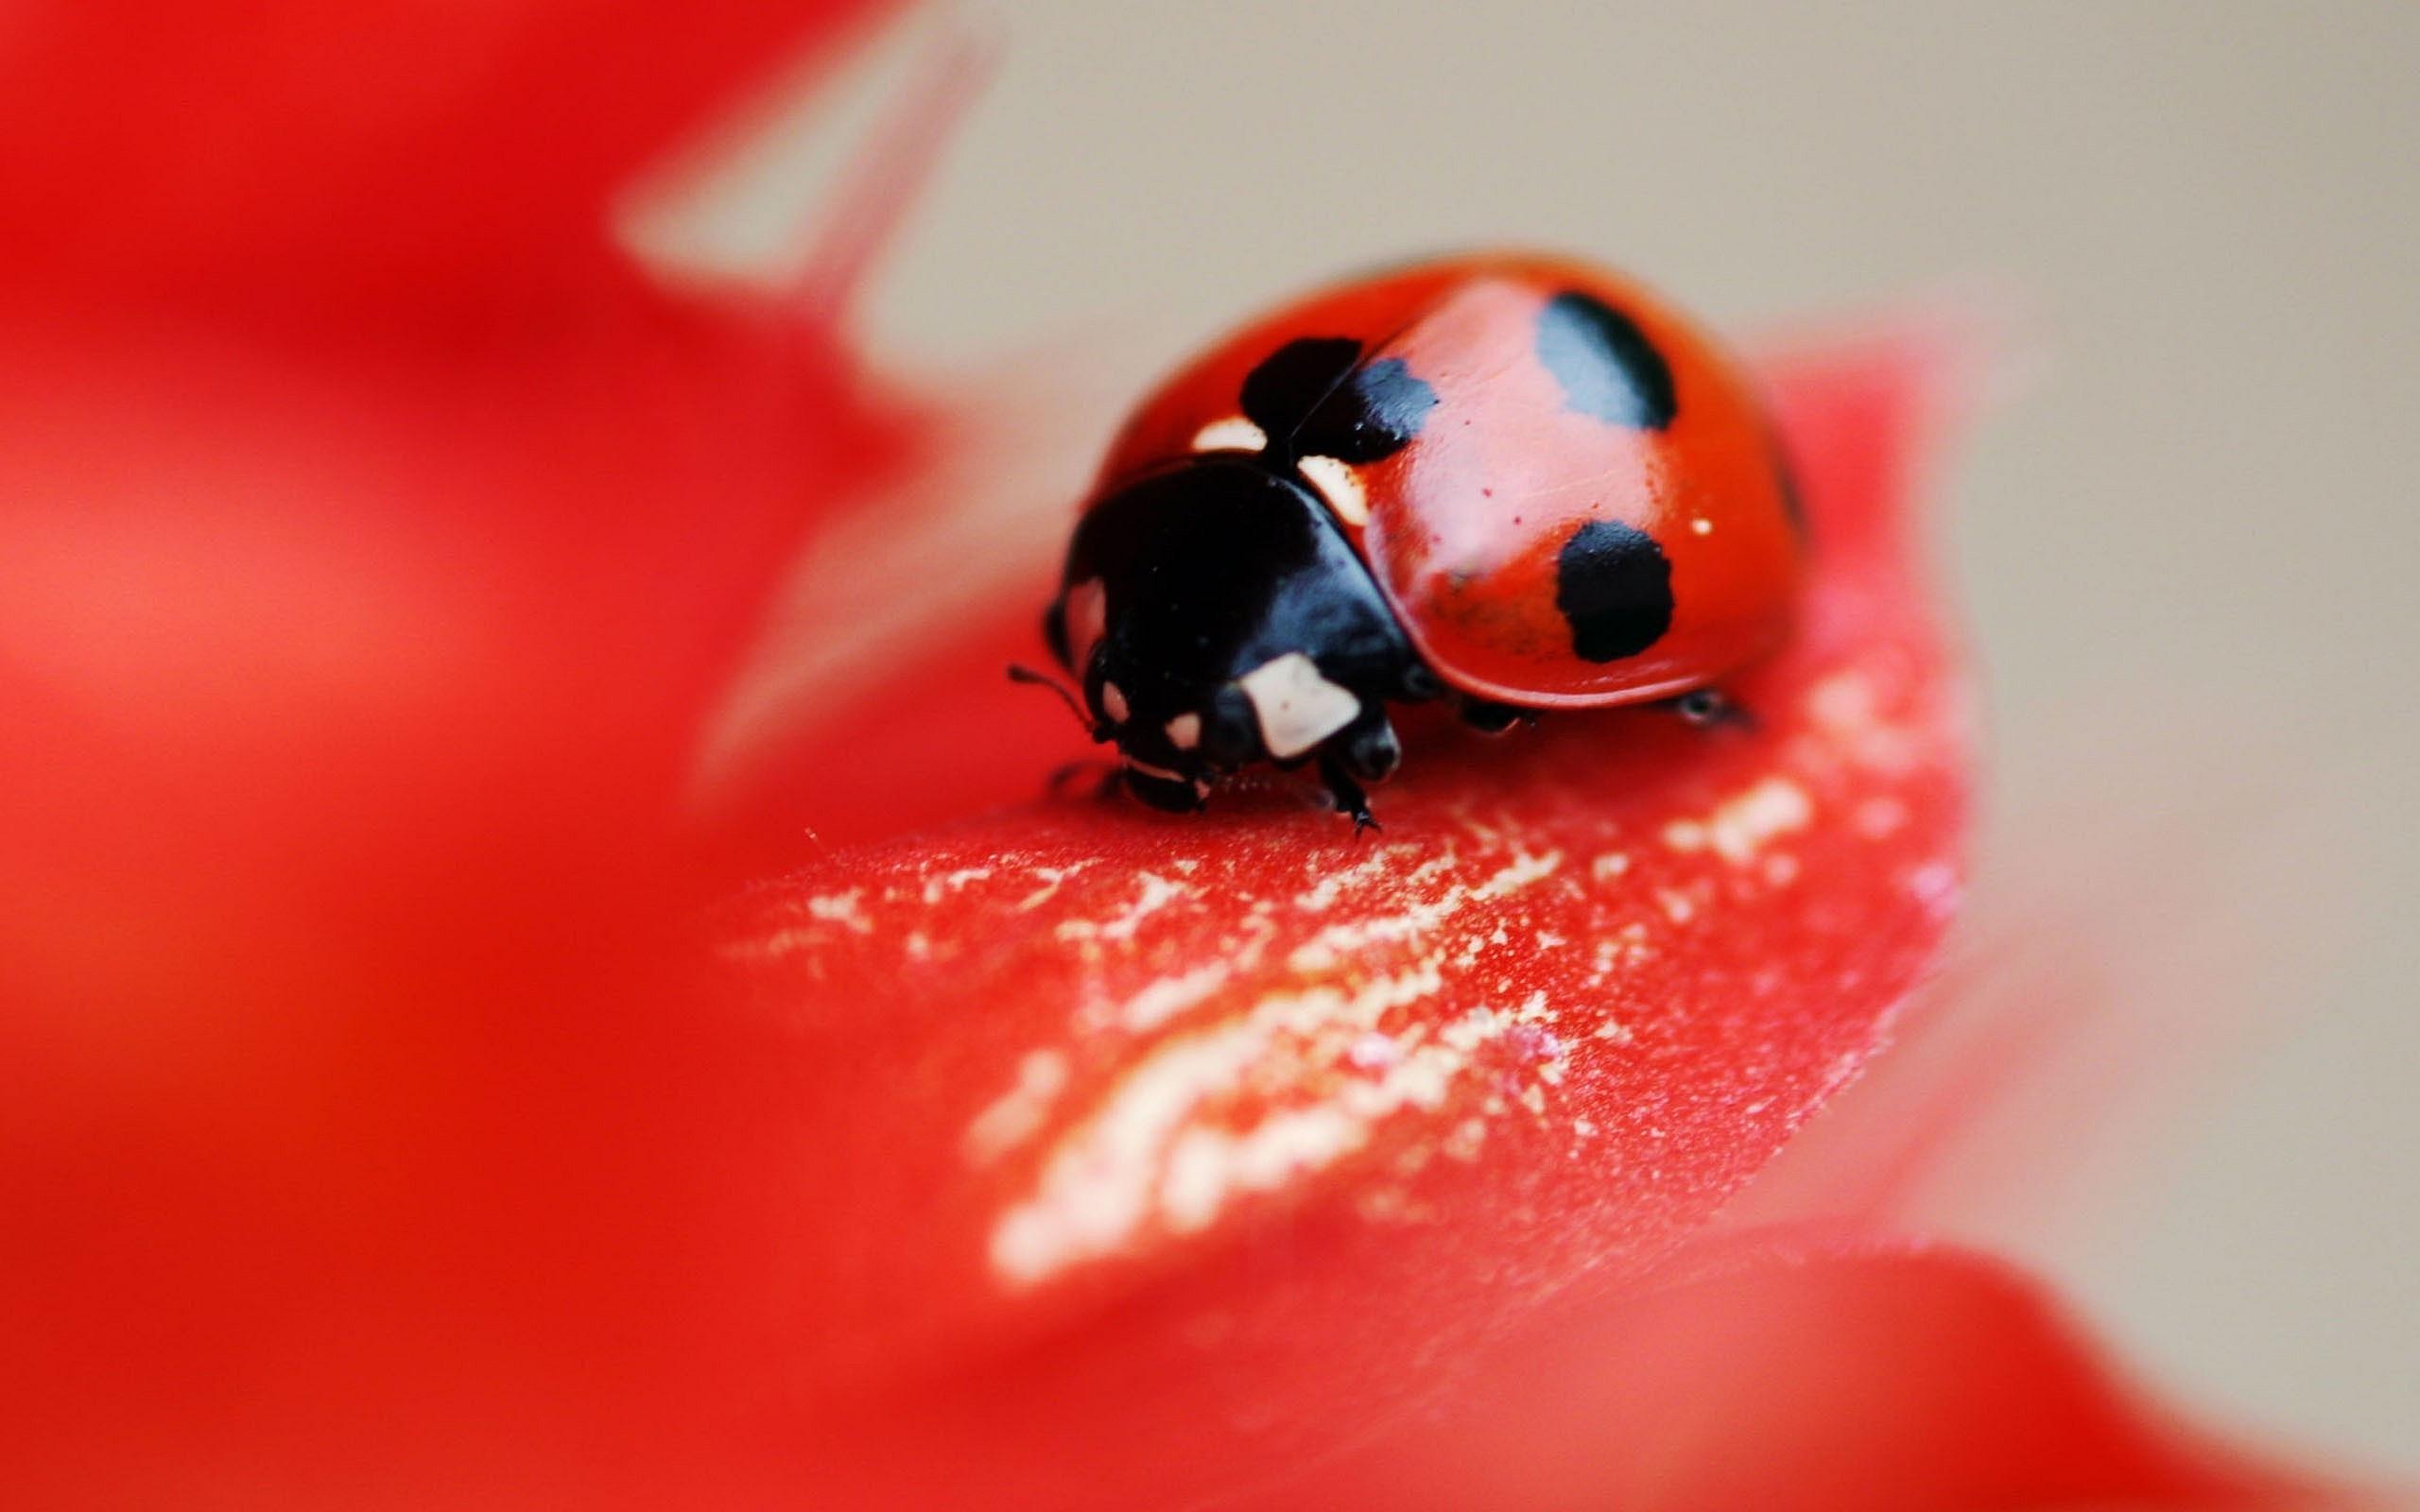 Cat Wallpaper 3d Red Ladybug Wallpaper 2560x1600 14095